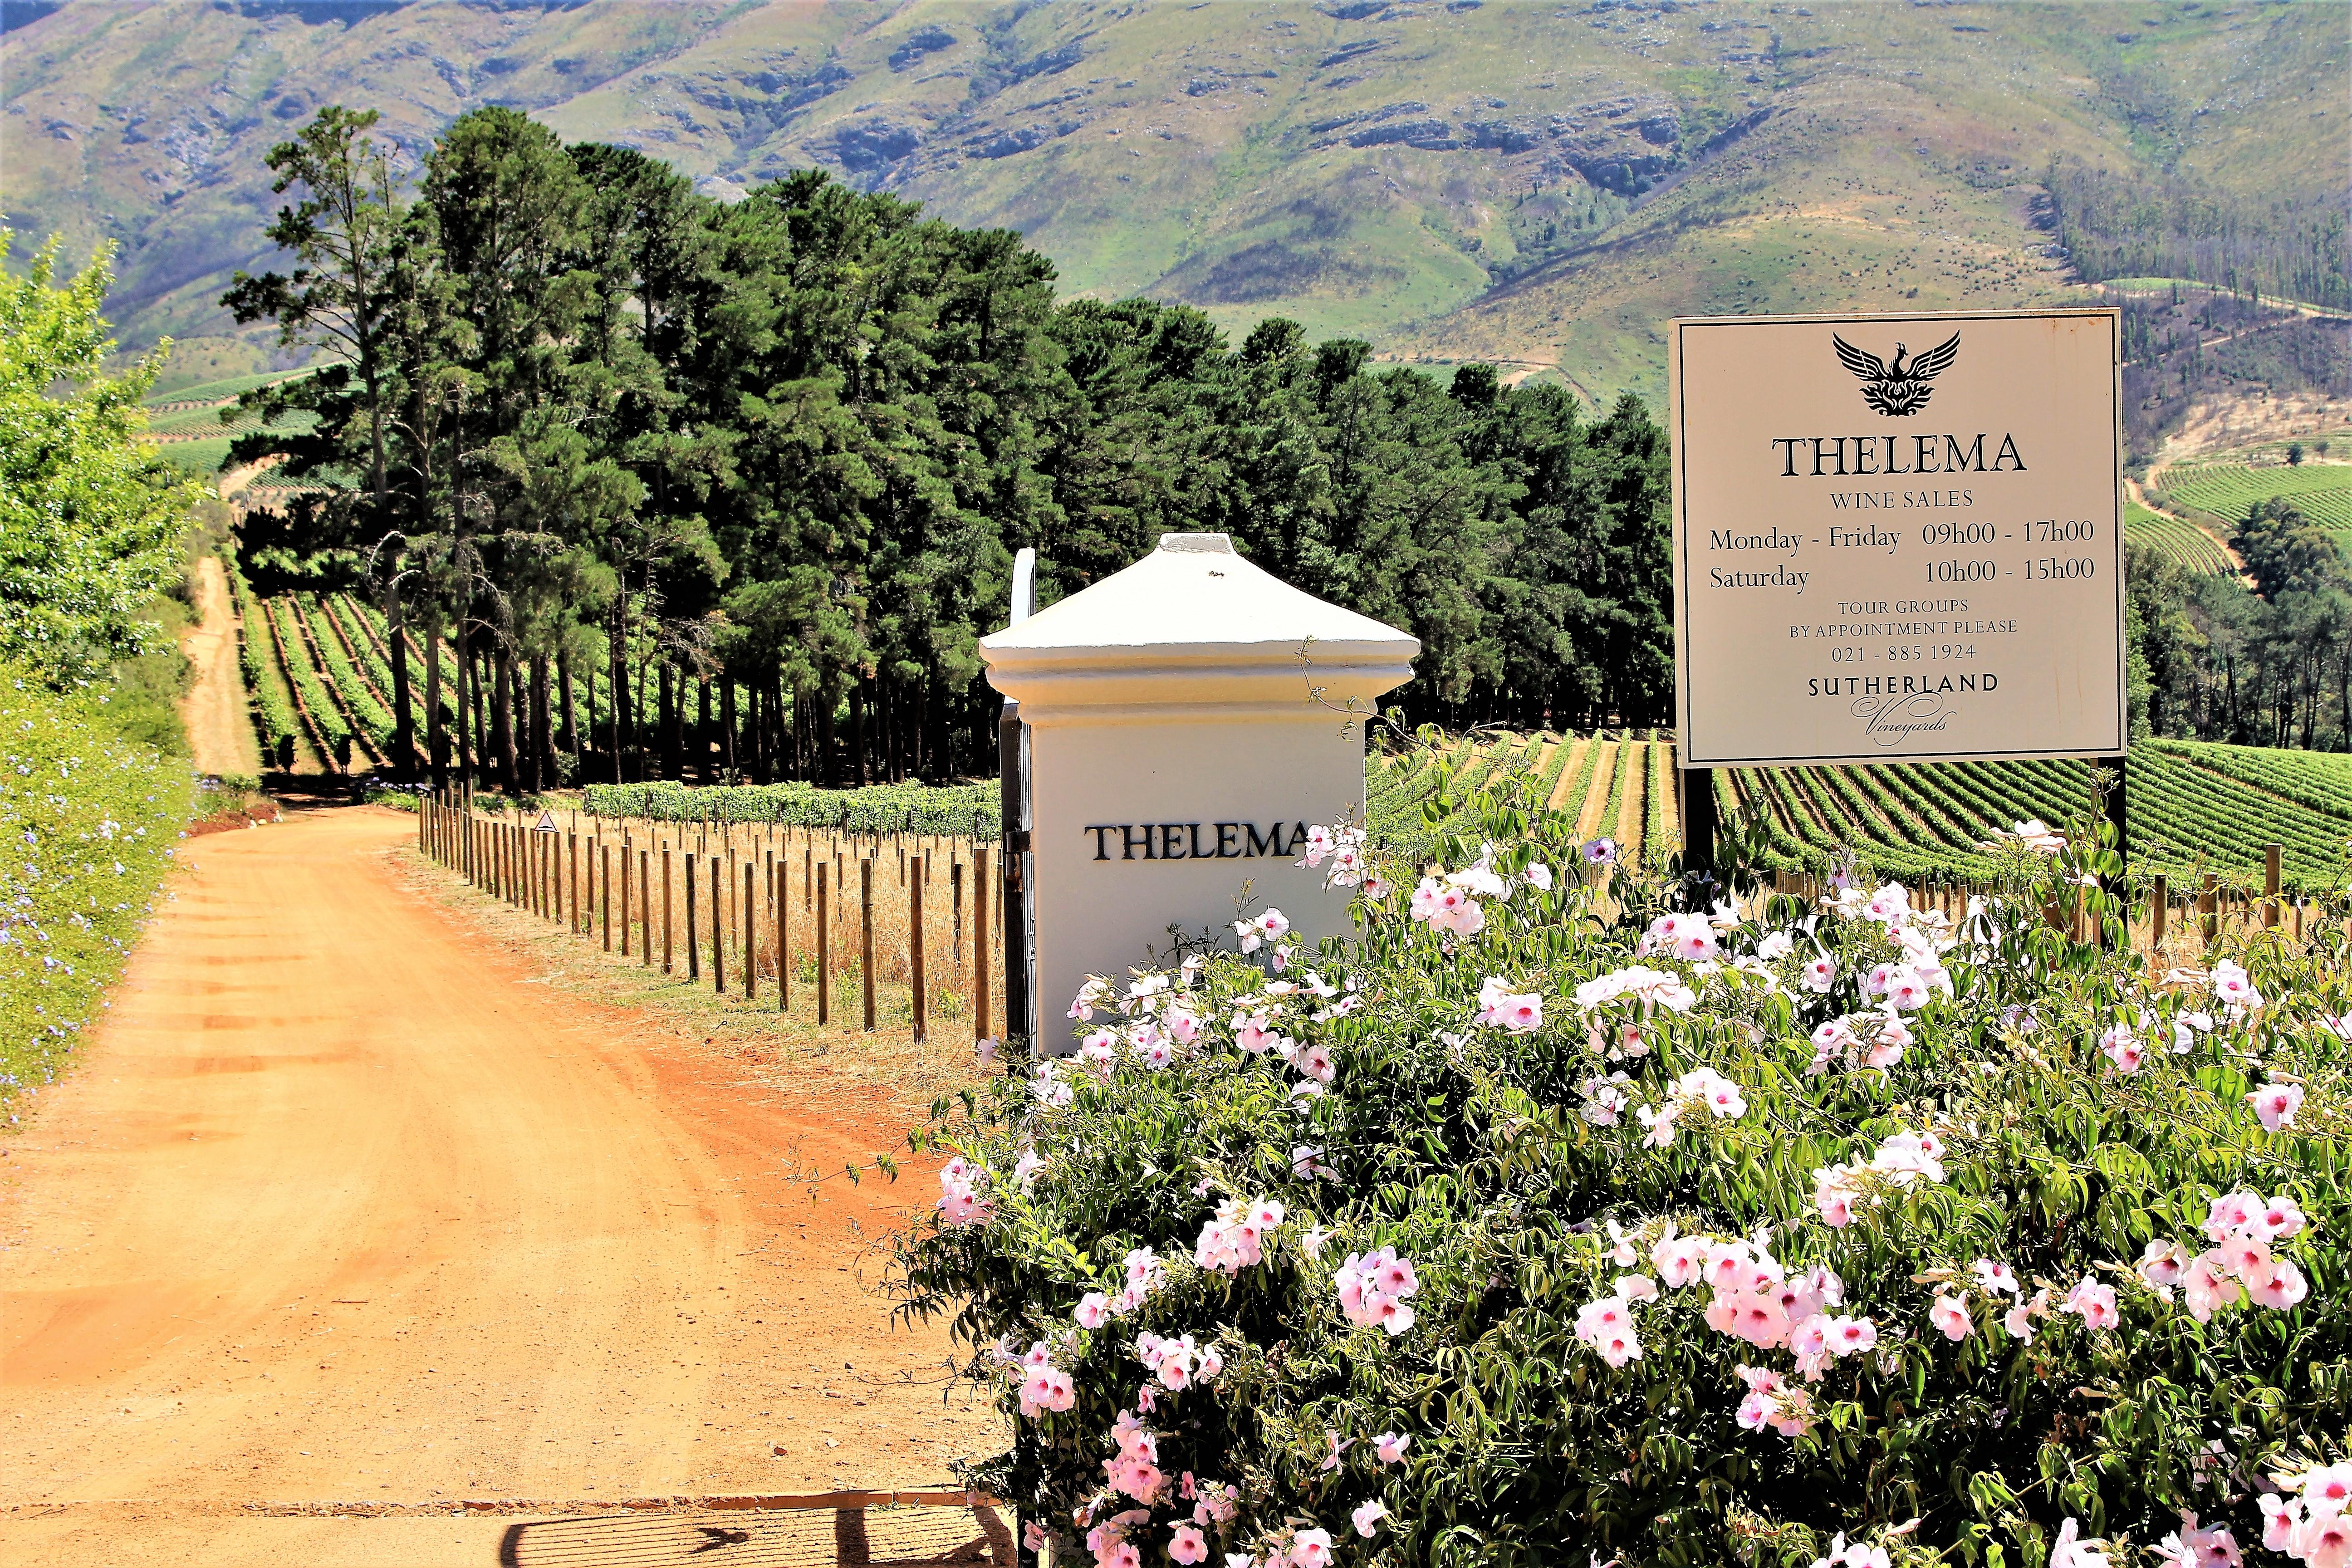 Thelema/Sutherland entrance